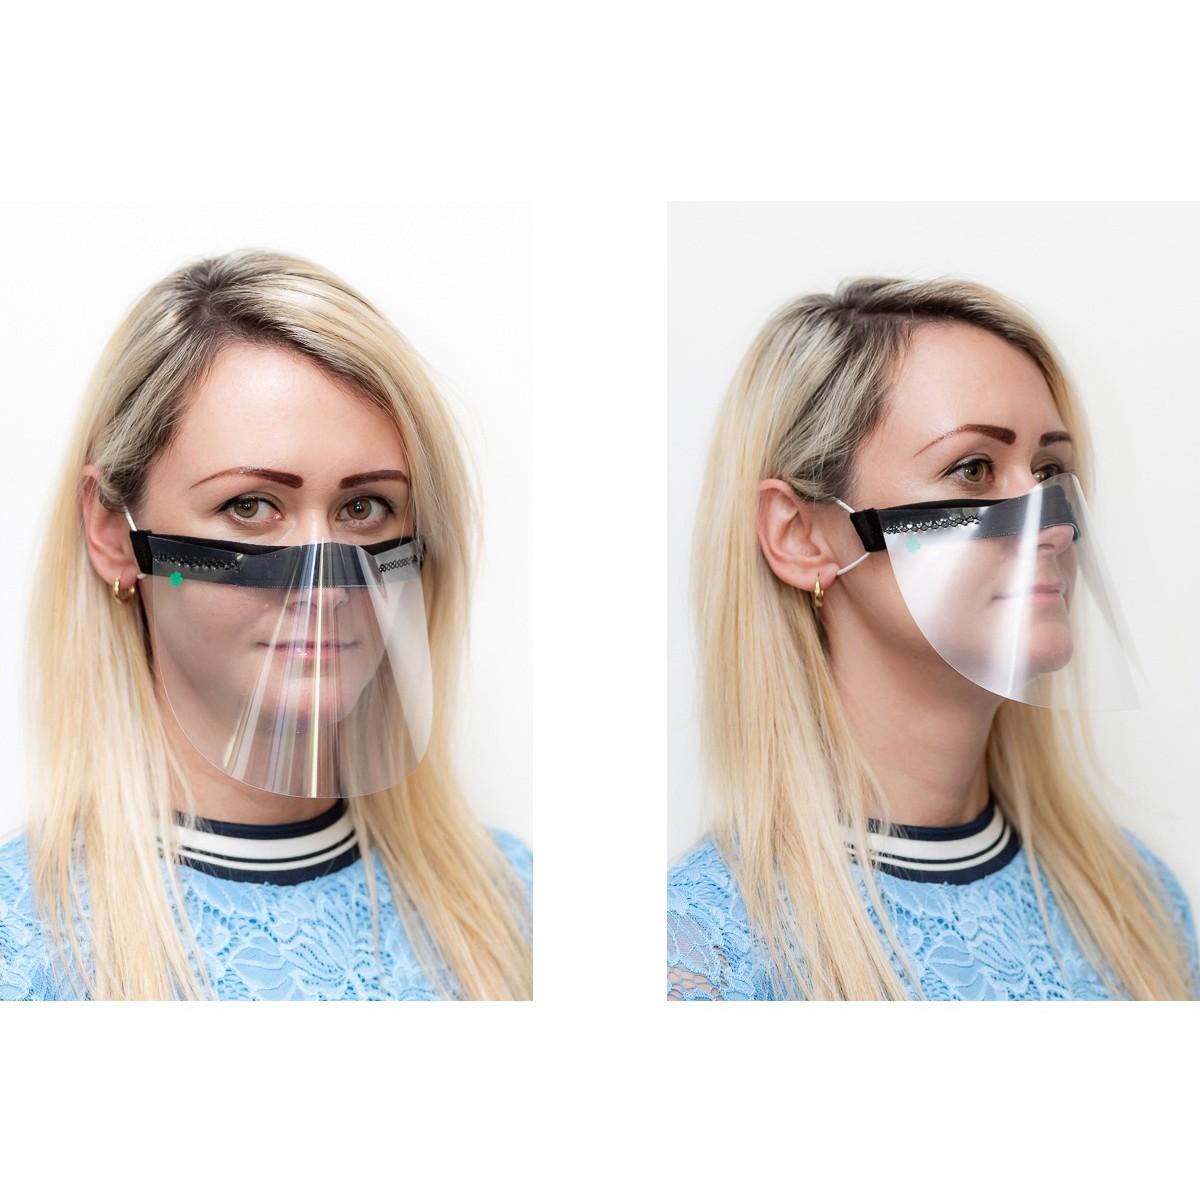 ochranný kryt na tvár priehľadná maska čierna nos ústa 21x12cm univerzálna megamix.shop